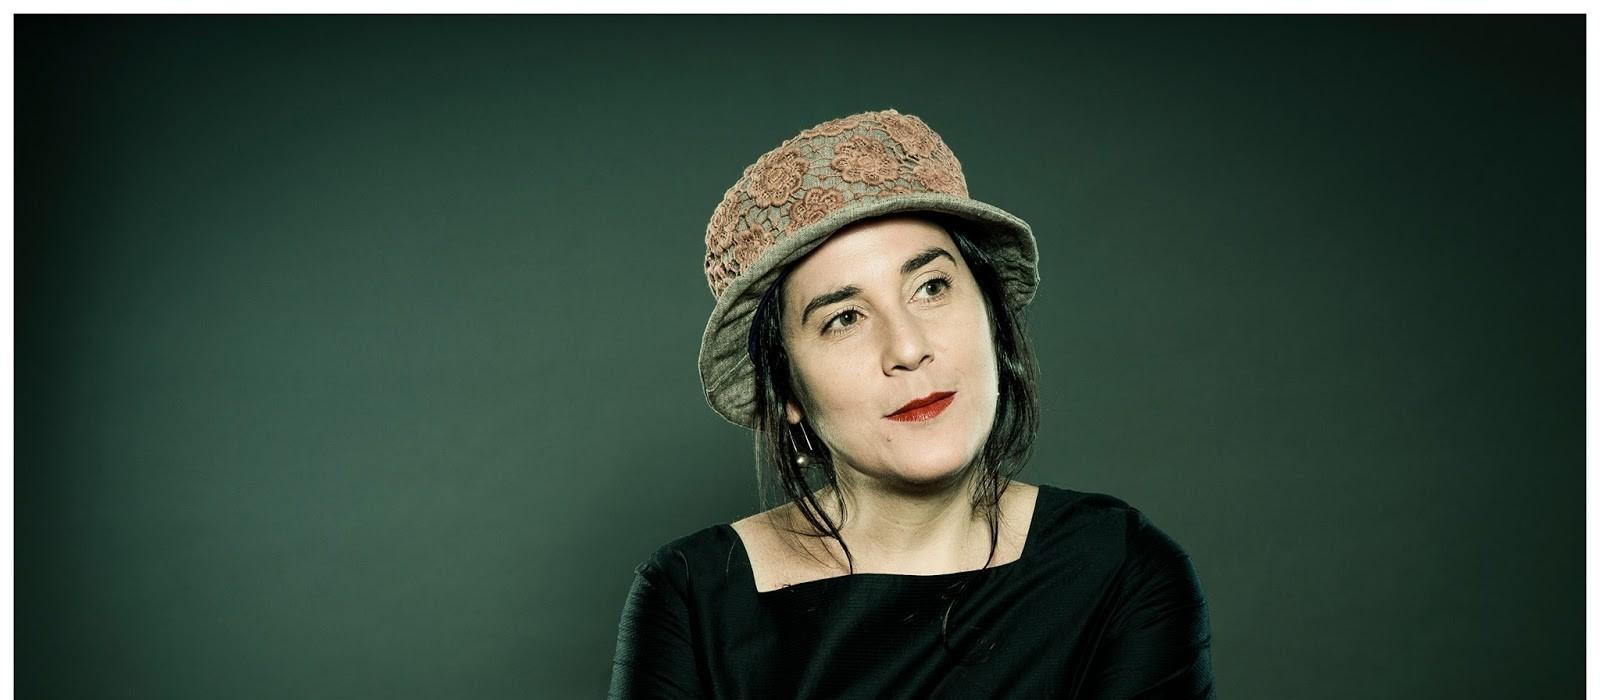 Cantora reconhecida, Mônica Salmaso participa do Ecos do Ingá